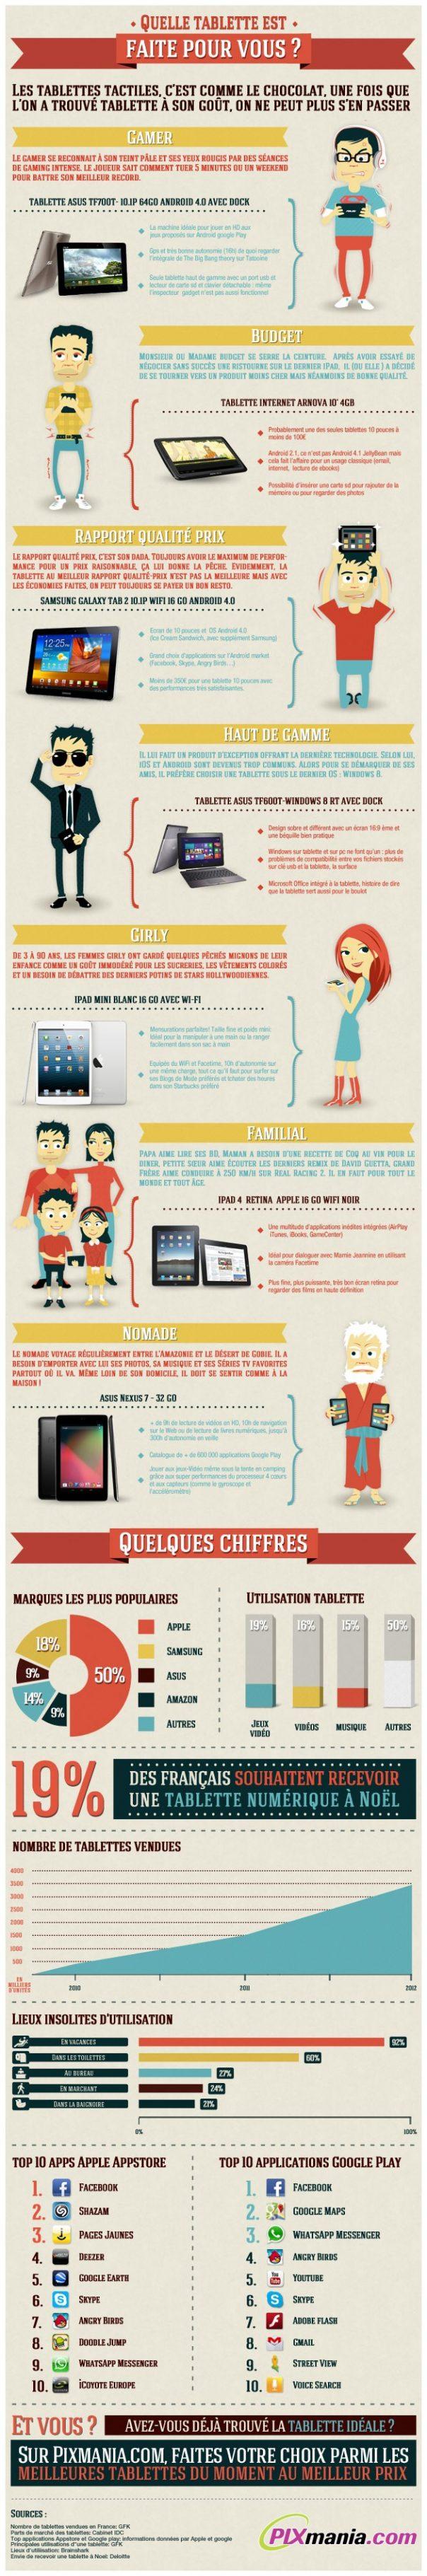 Guide d'achat des tablettes tactile en 2012